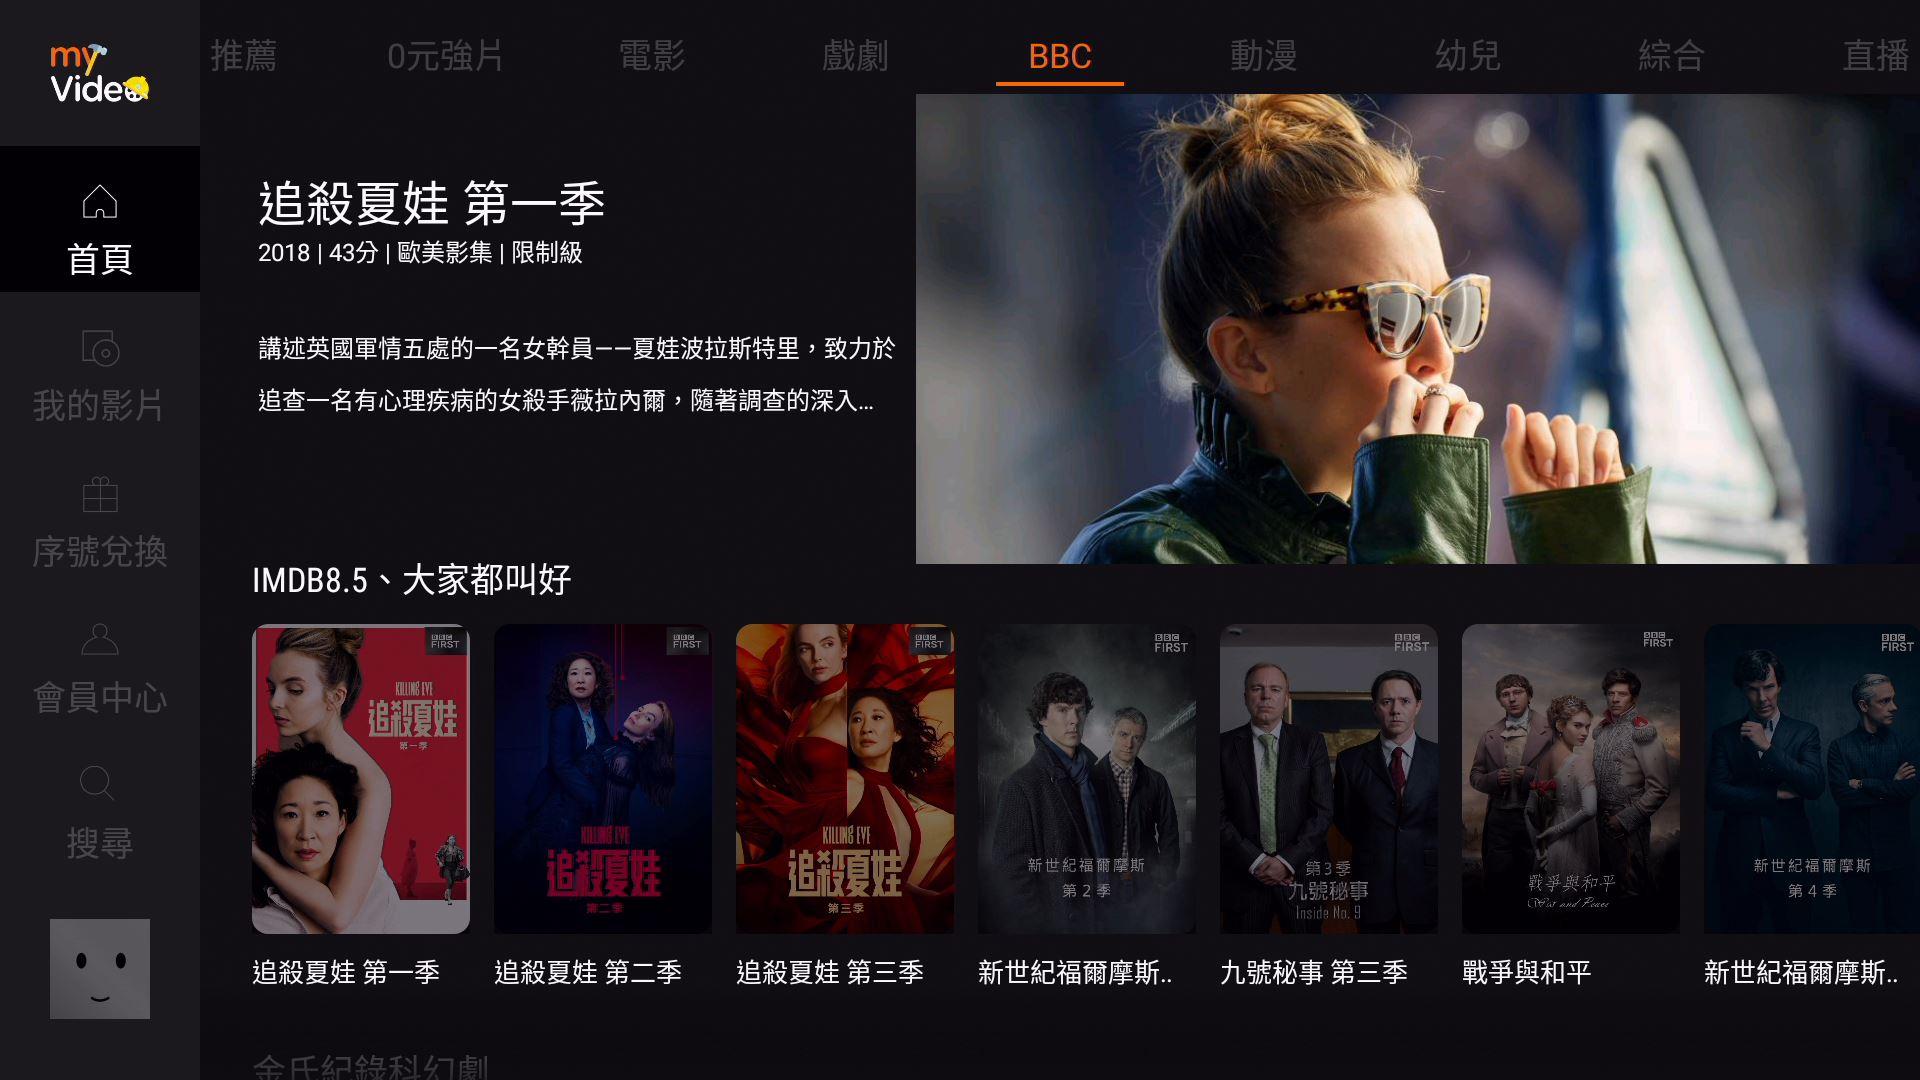 雷爵RockTek G1 4K HDR電視盒-無痛升級Google授權Android TV系統,語音助理免動手 - 53